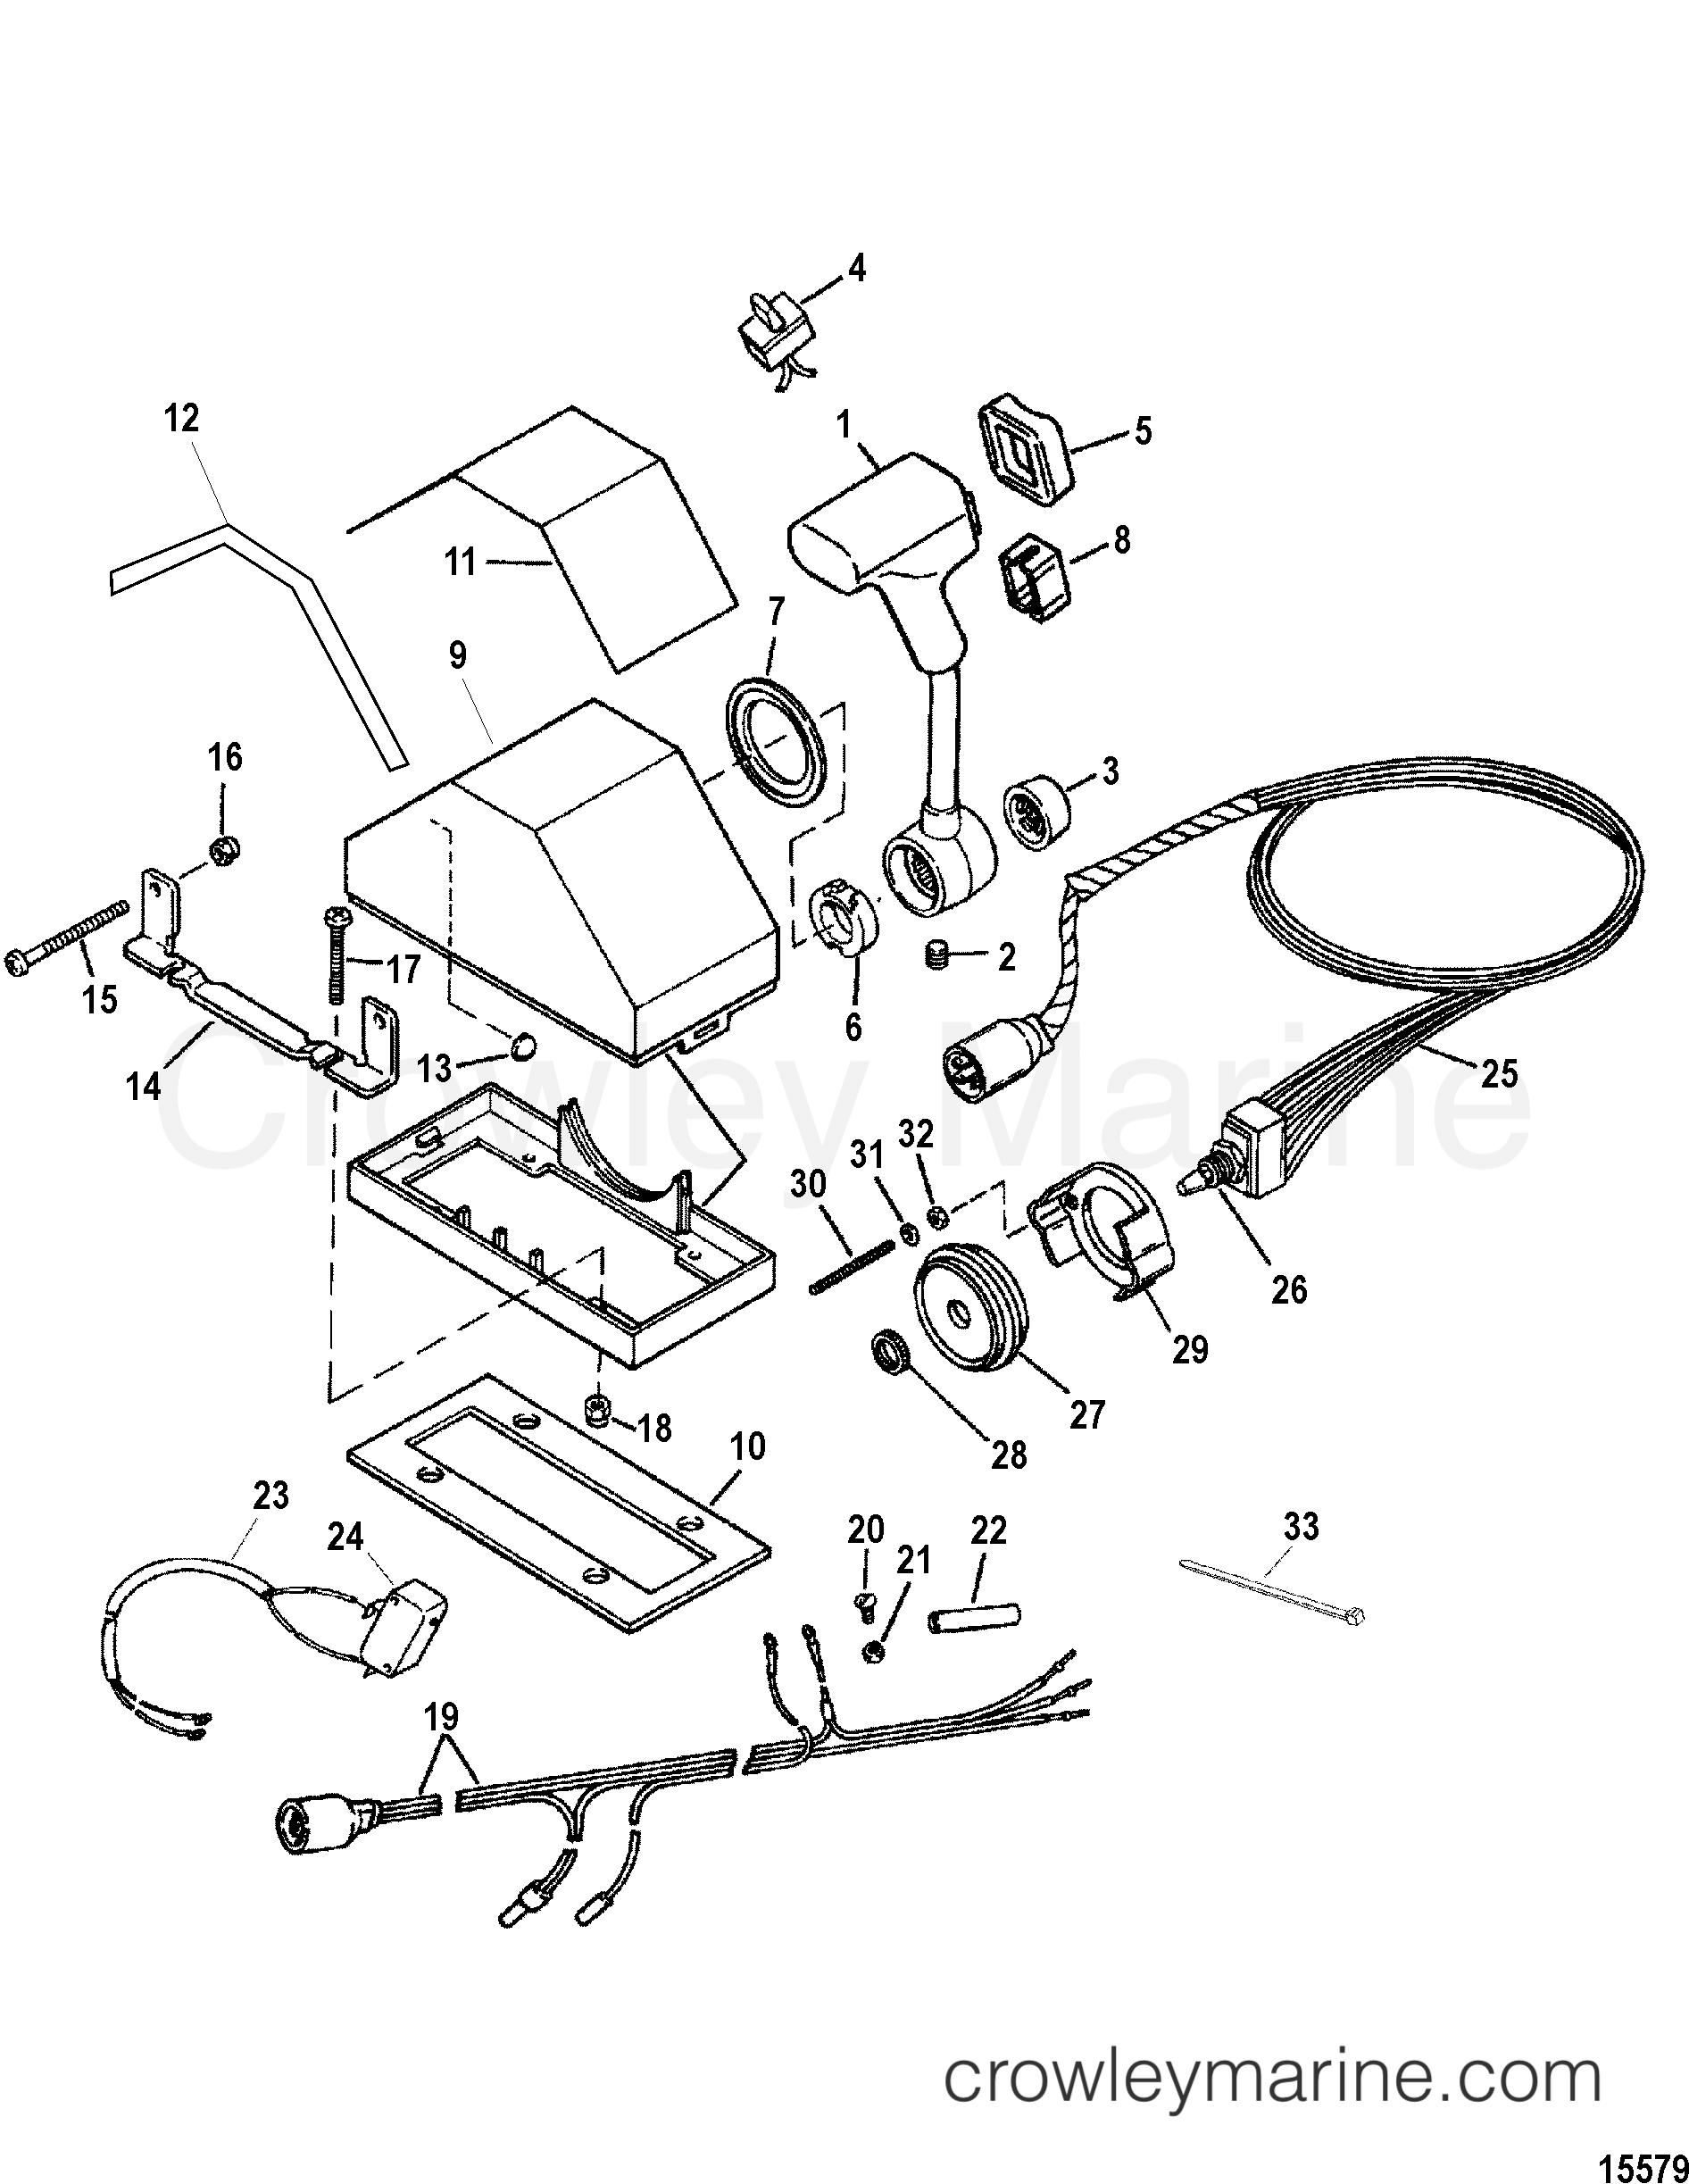 Remote Control Console Single A25